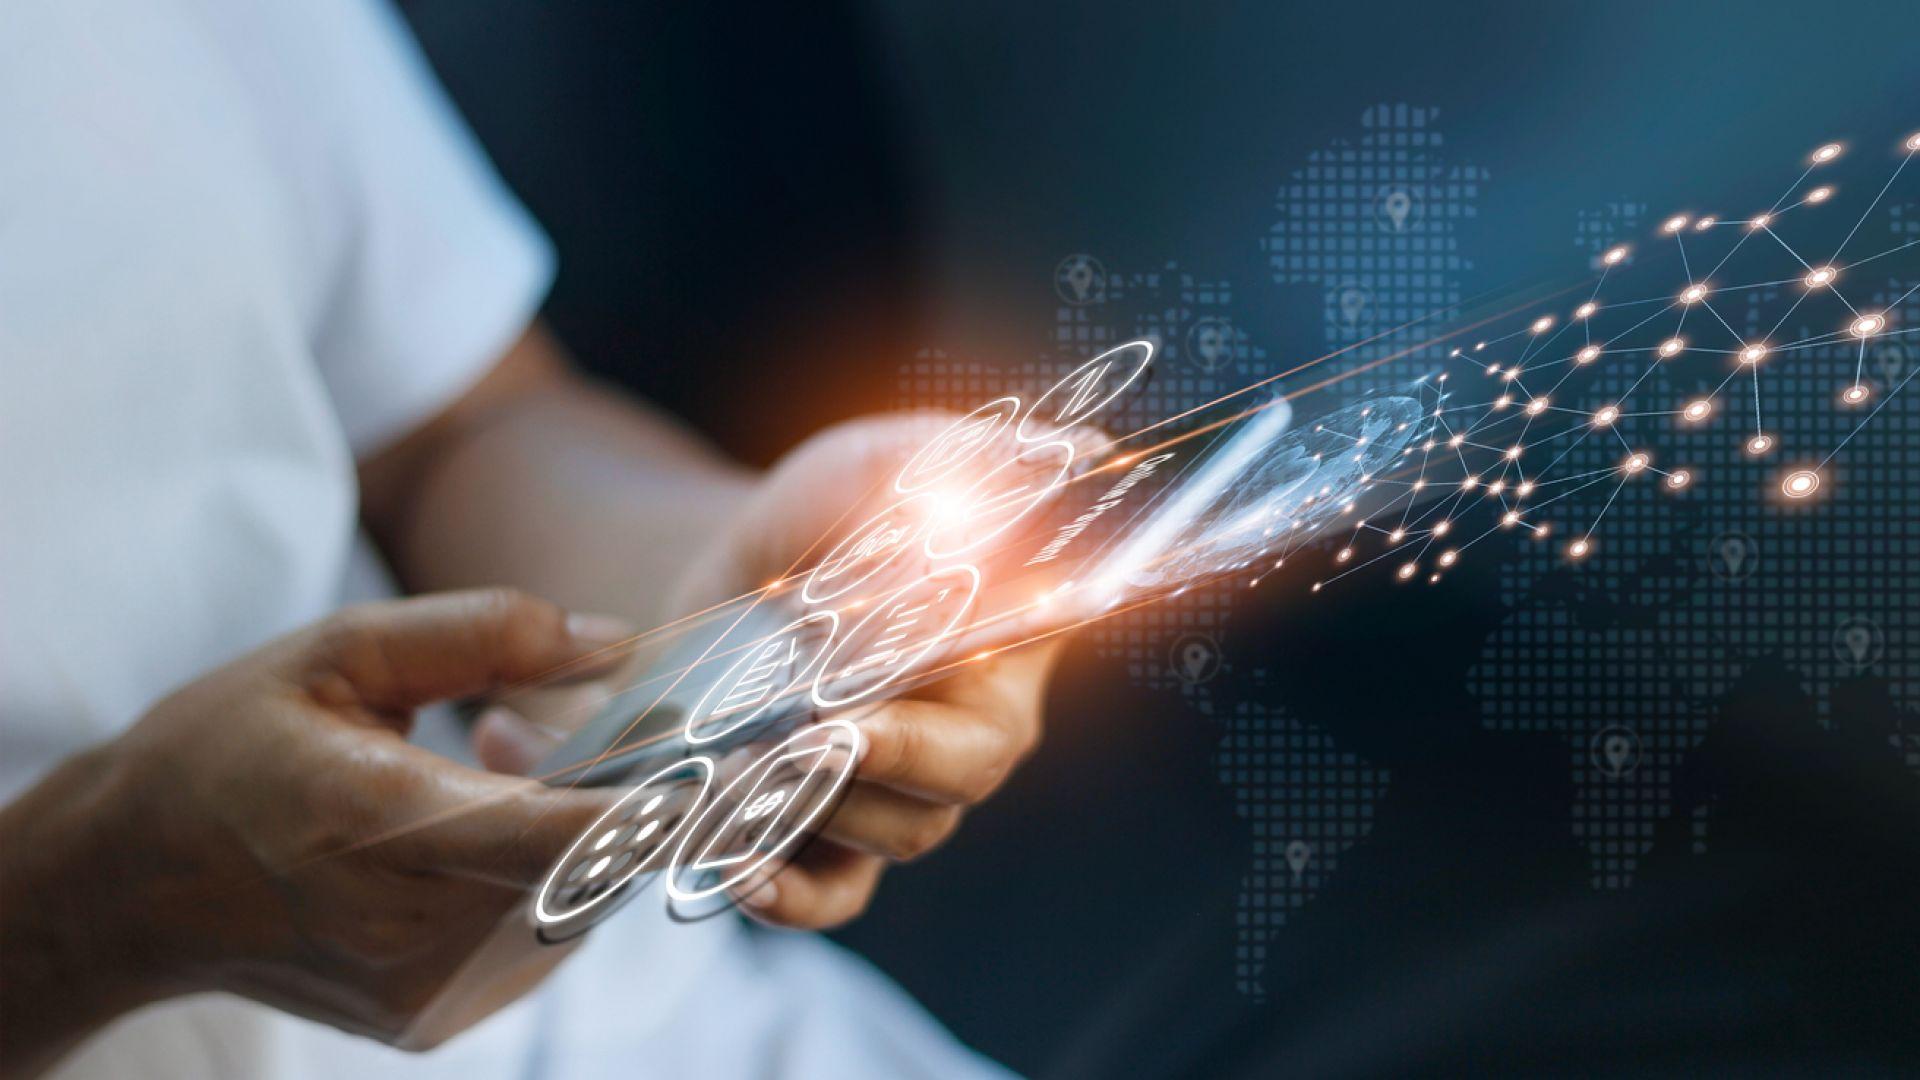 Дигитален потребителски кредит от ново поколение с гъвкави планове